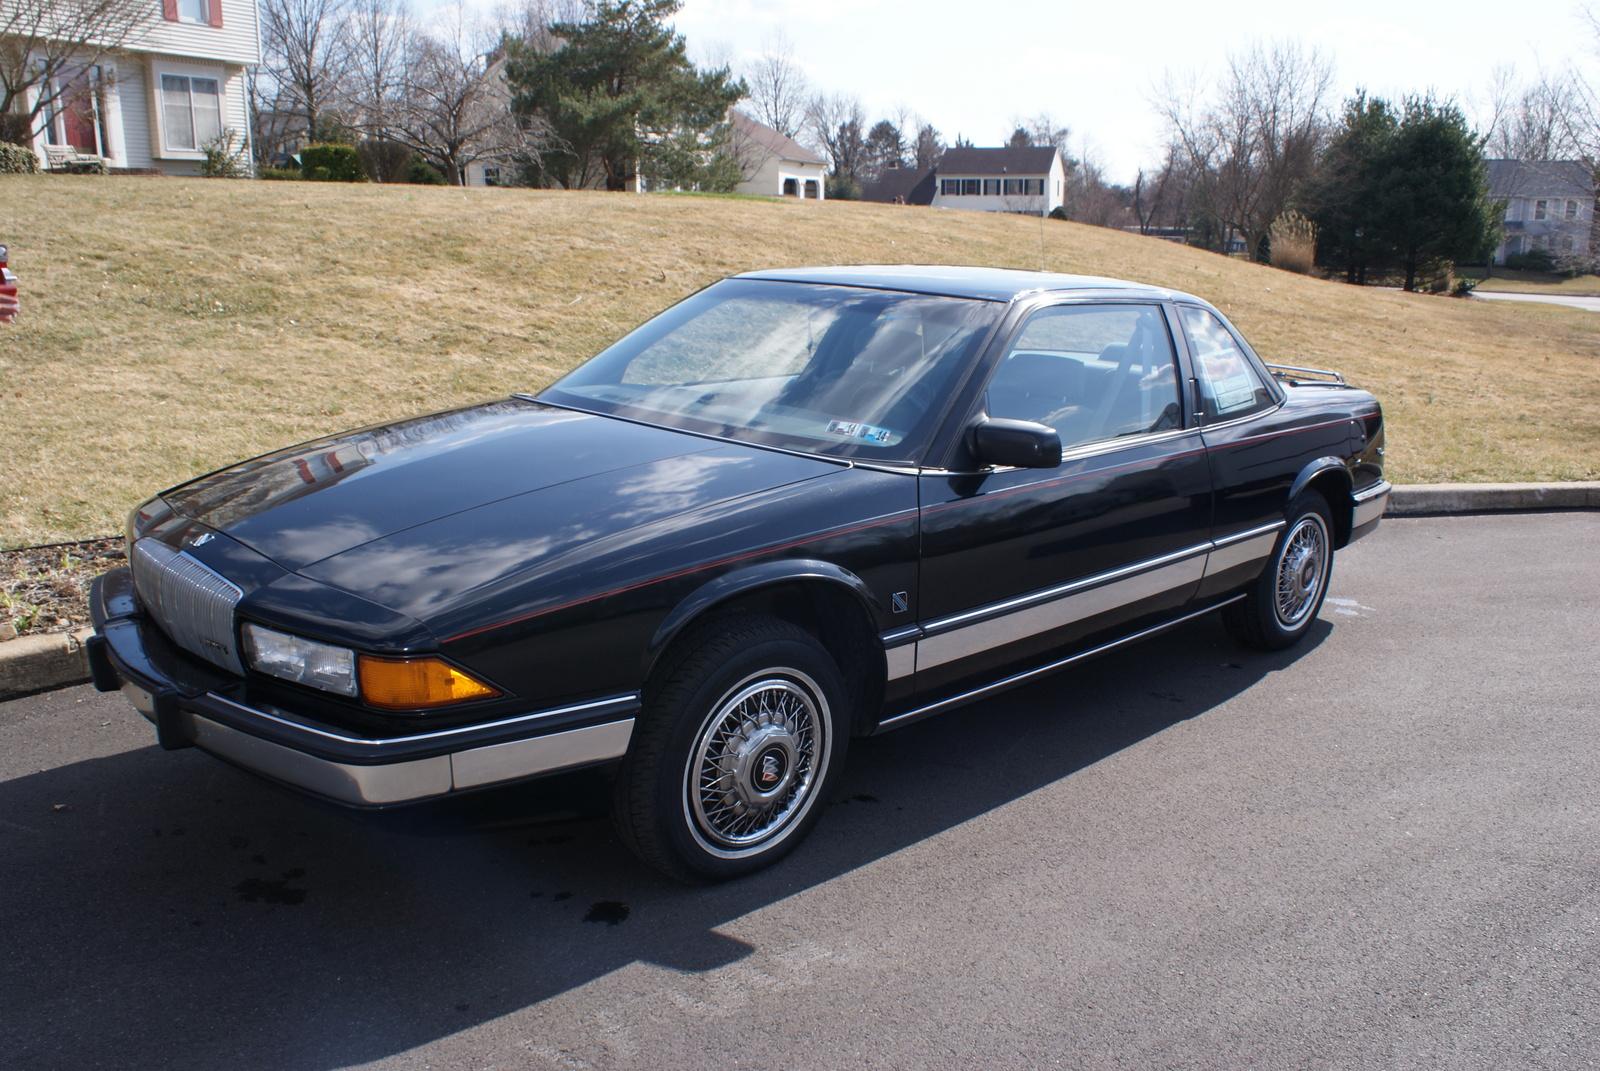 14 Buick Regal Specs >> 1988 Buick Regal - Pictures - CarGurus